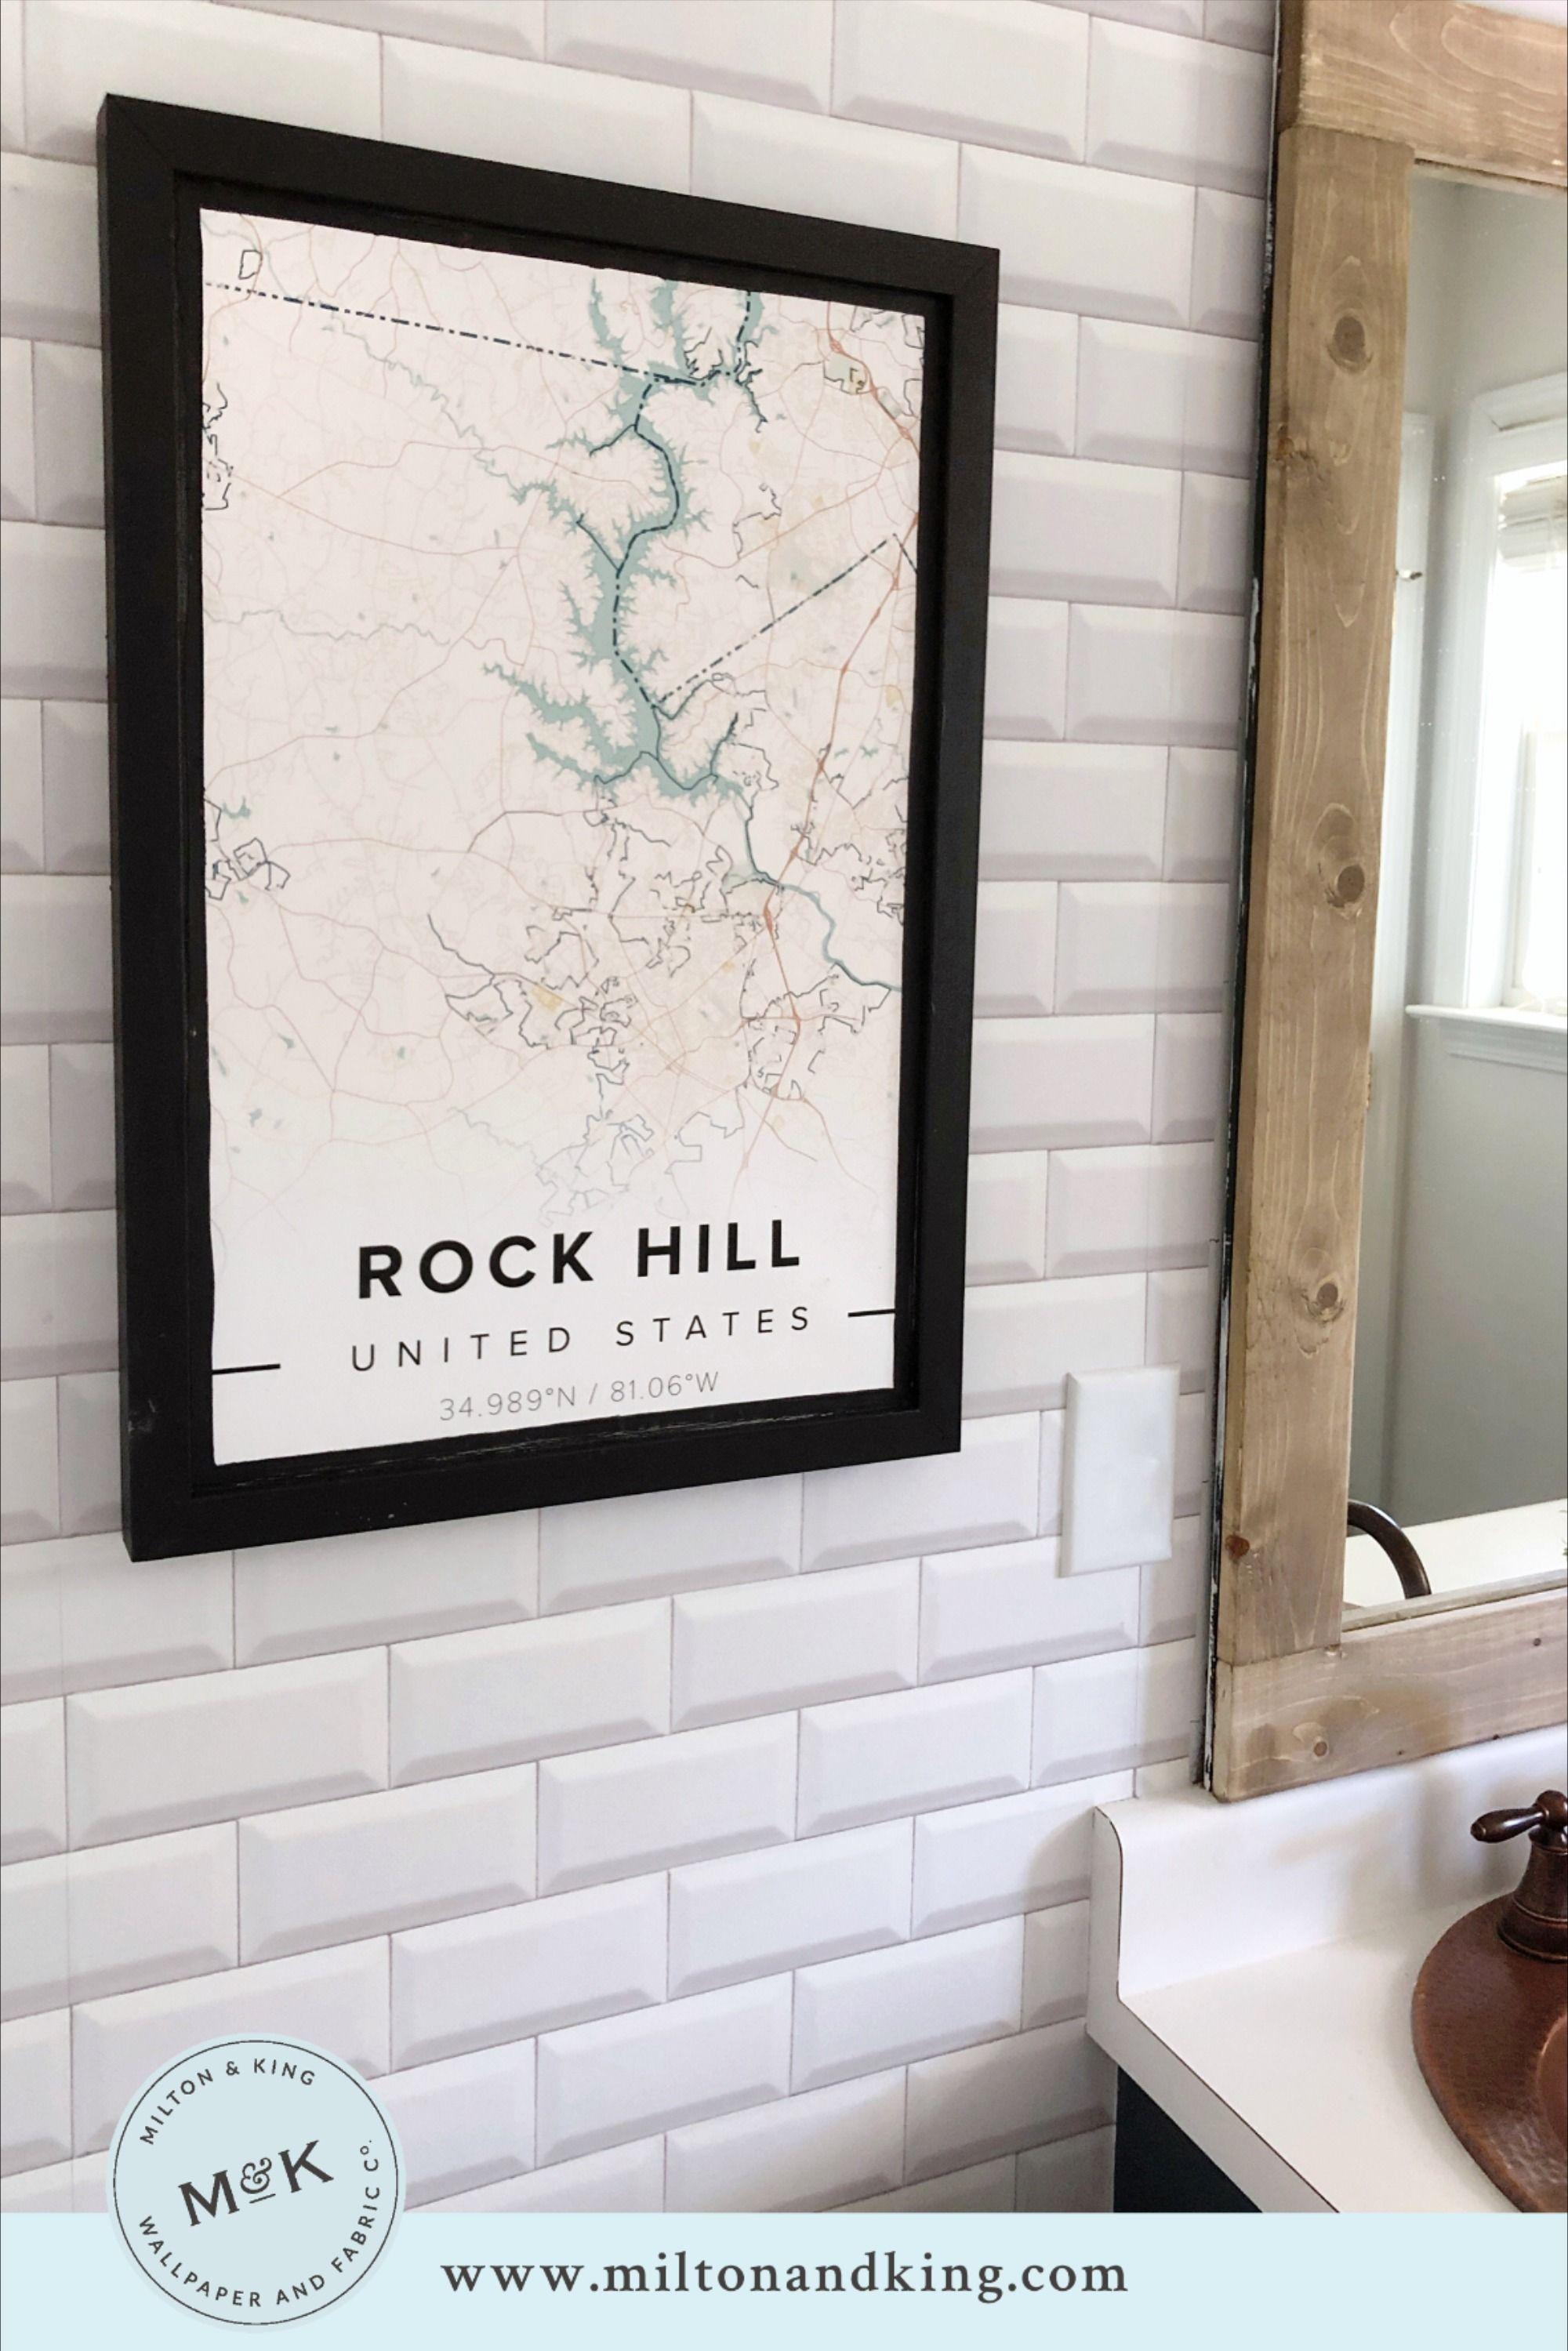 White Subway Tiles Wallpaper Minimal Wallpaper Milton King In 2021 Tile Wallpaper White Subway Tiles Subway Tile Design